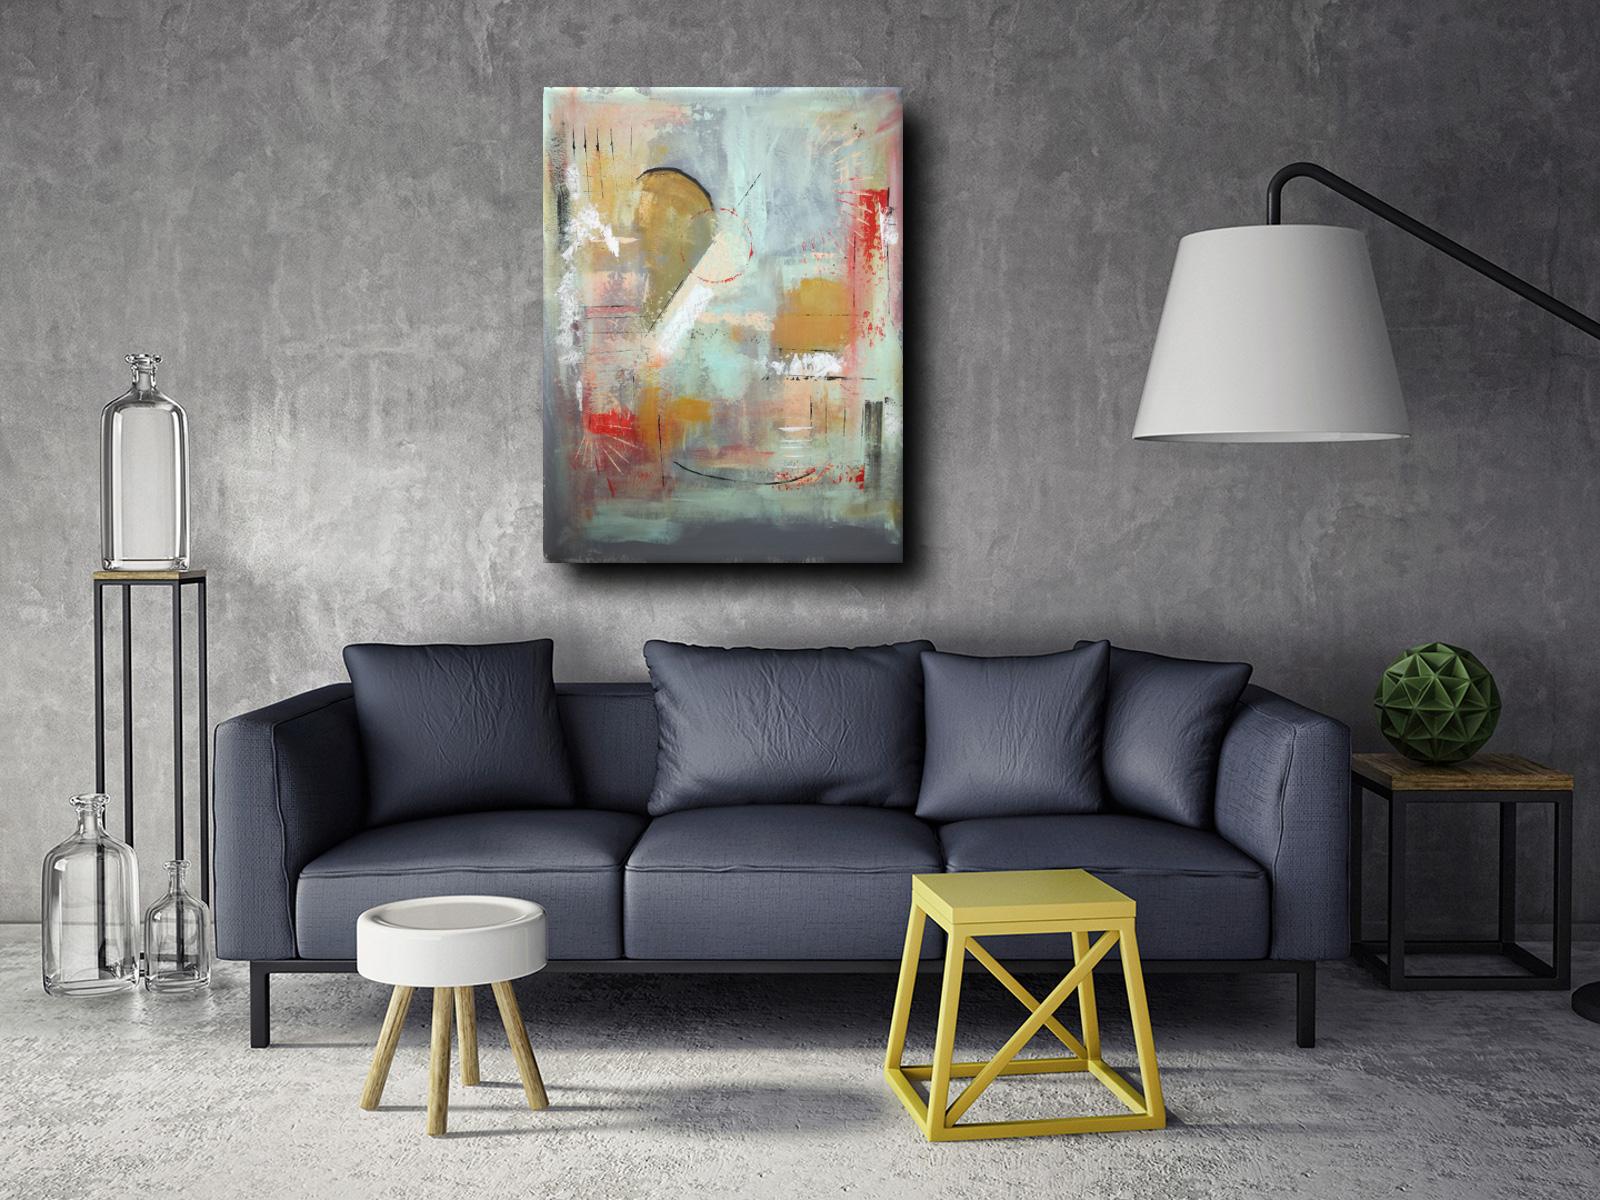 quadri moderni chiari c012 - quadri astratti fatti a mano chiari 120x90